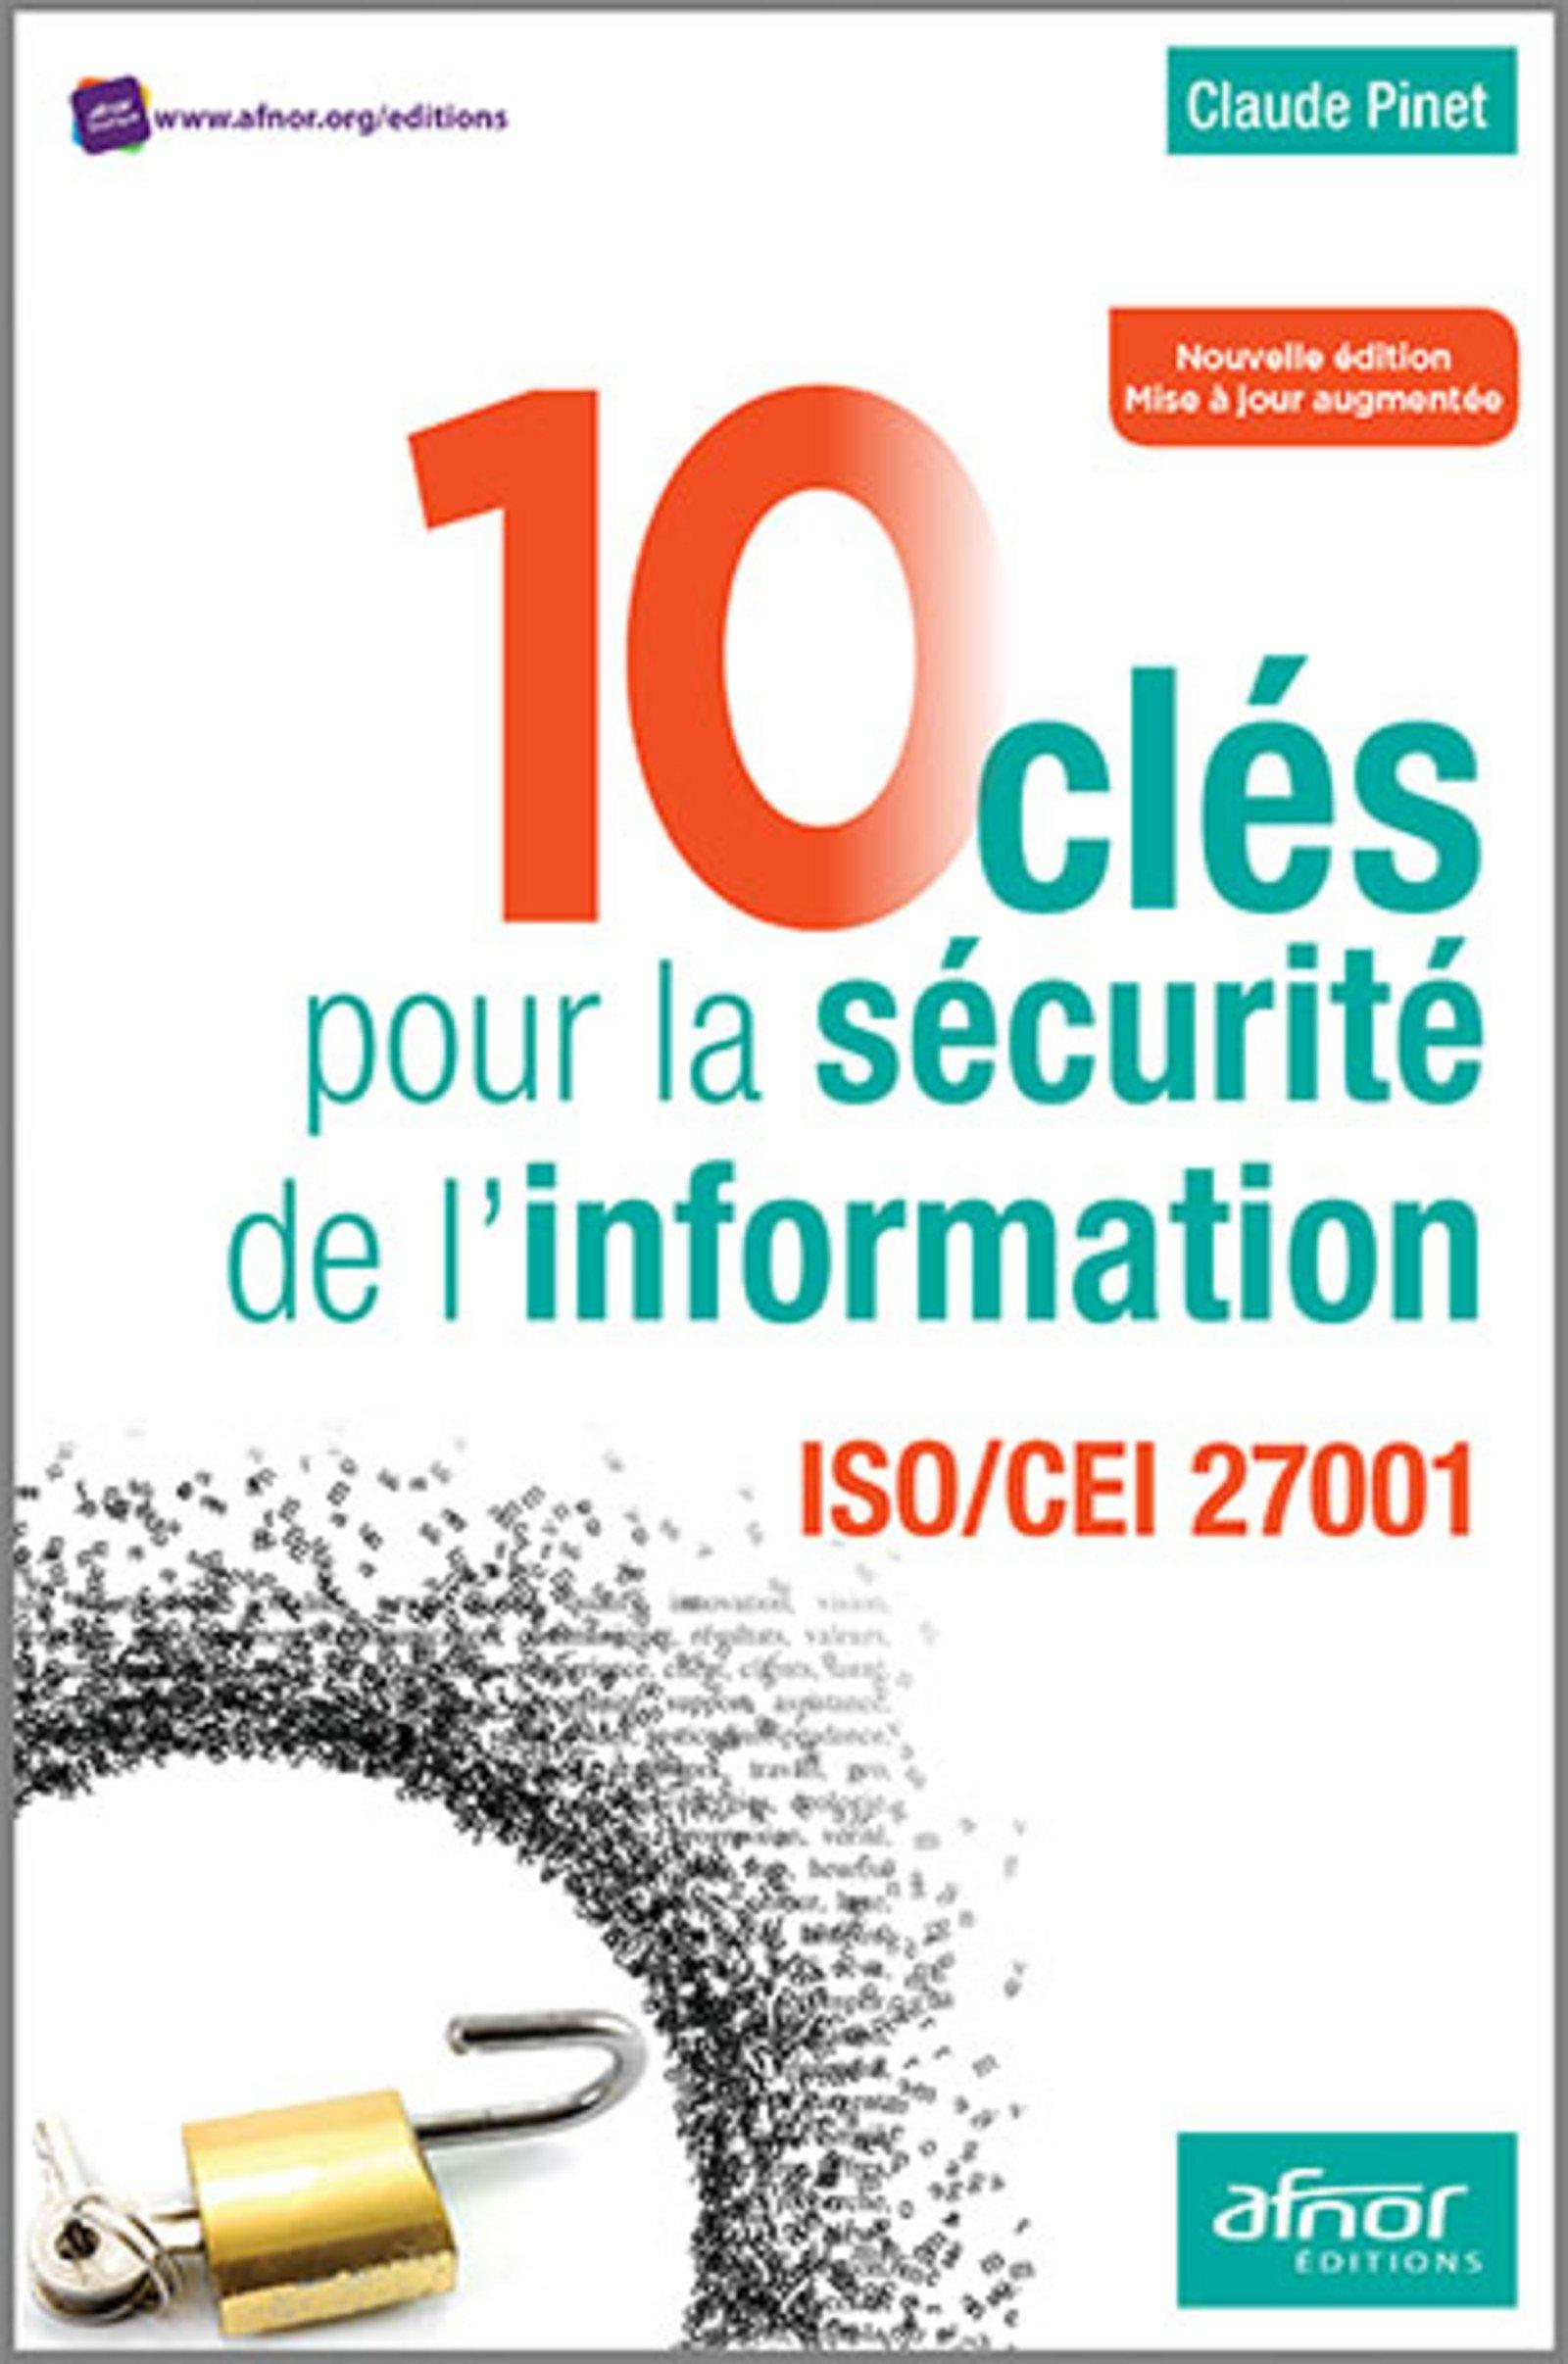 10 clés pour la sécurité de l'information: ISO/CEI 27001-2013 Broché – 26 janvier 2017 Claude Pinet Afnor 2124655671 Informatique